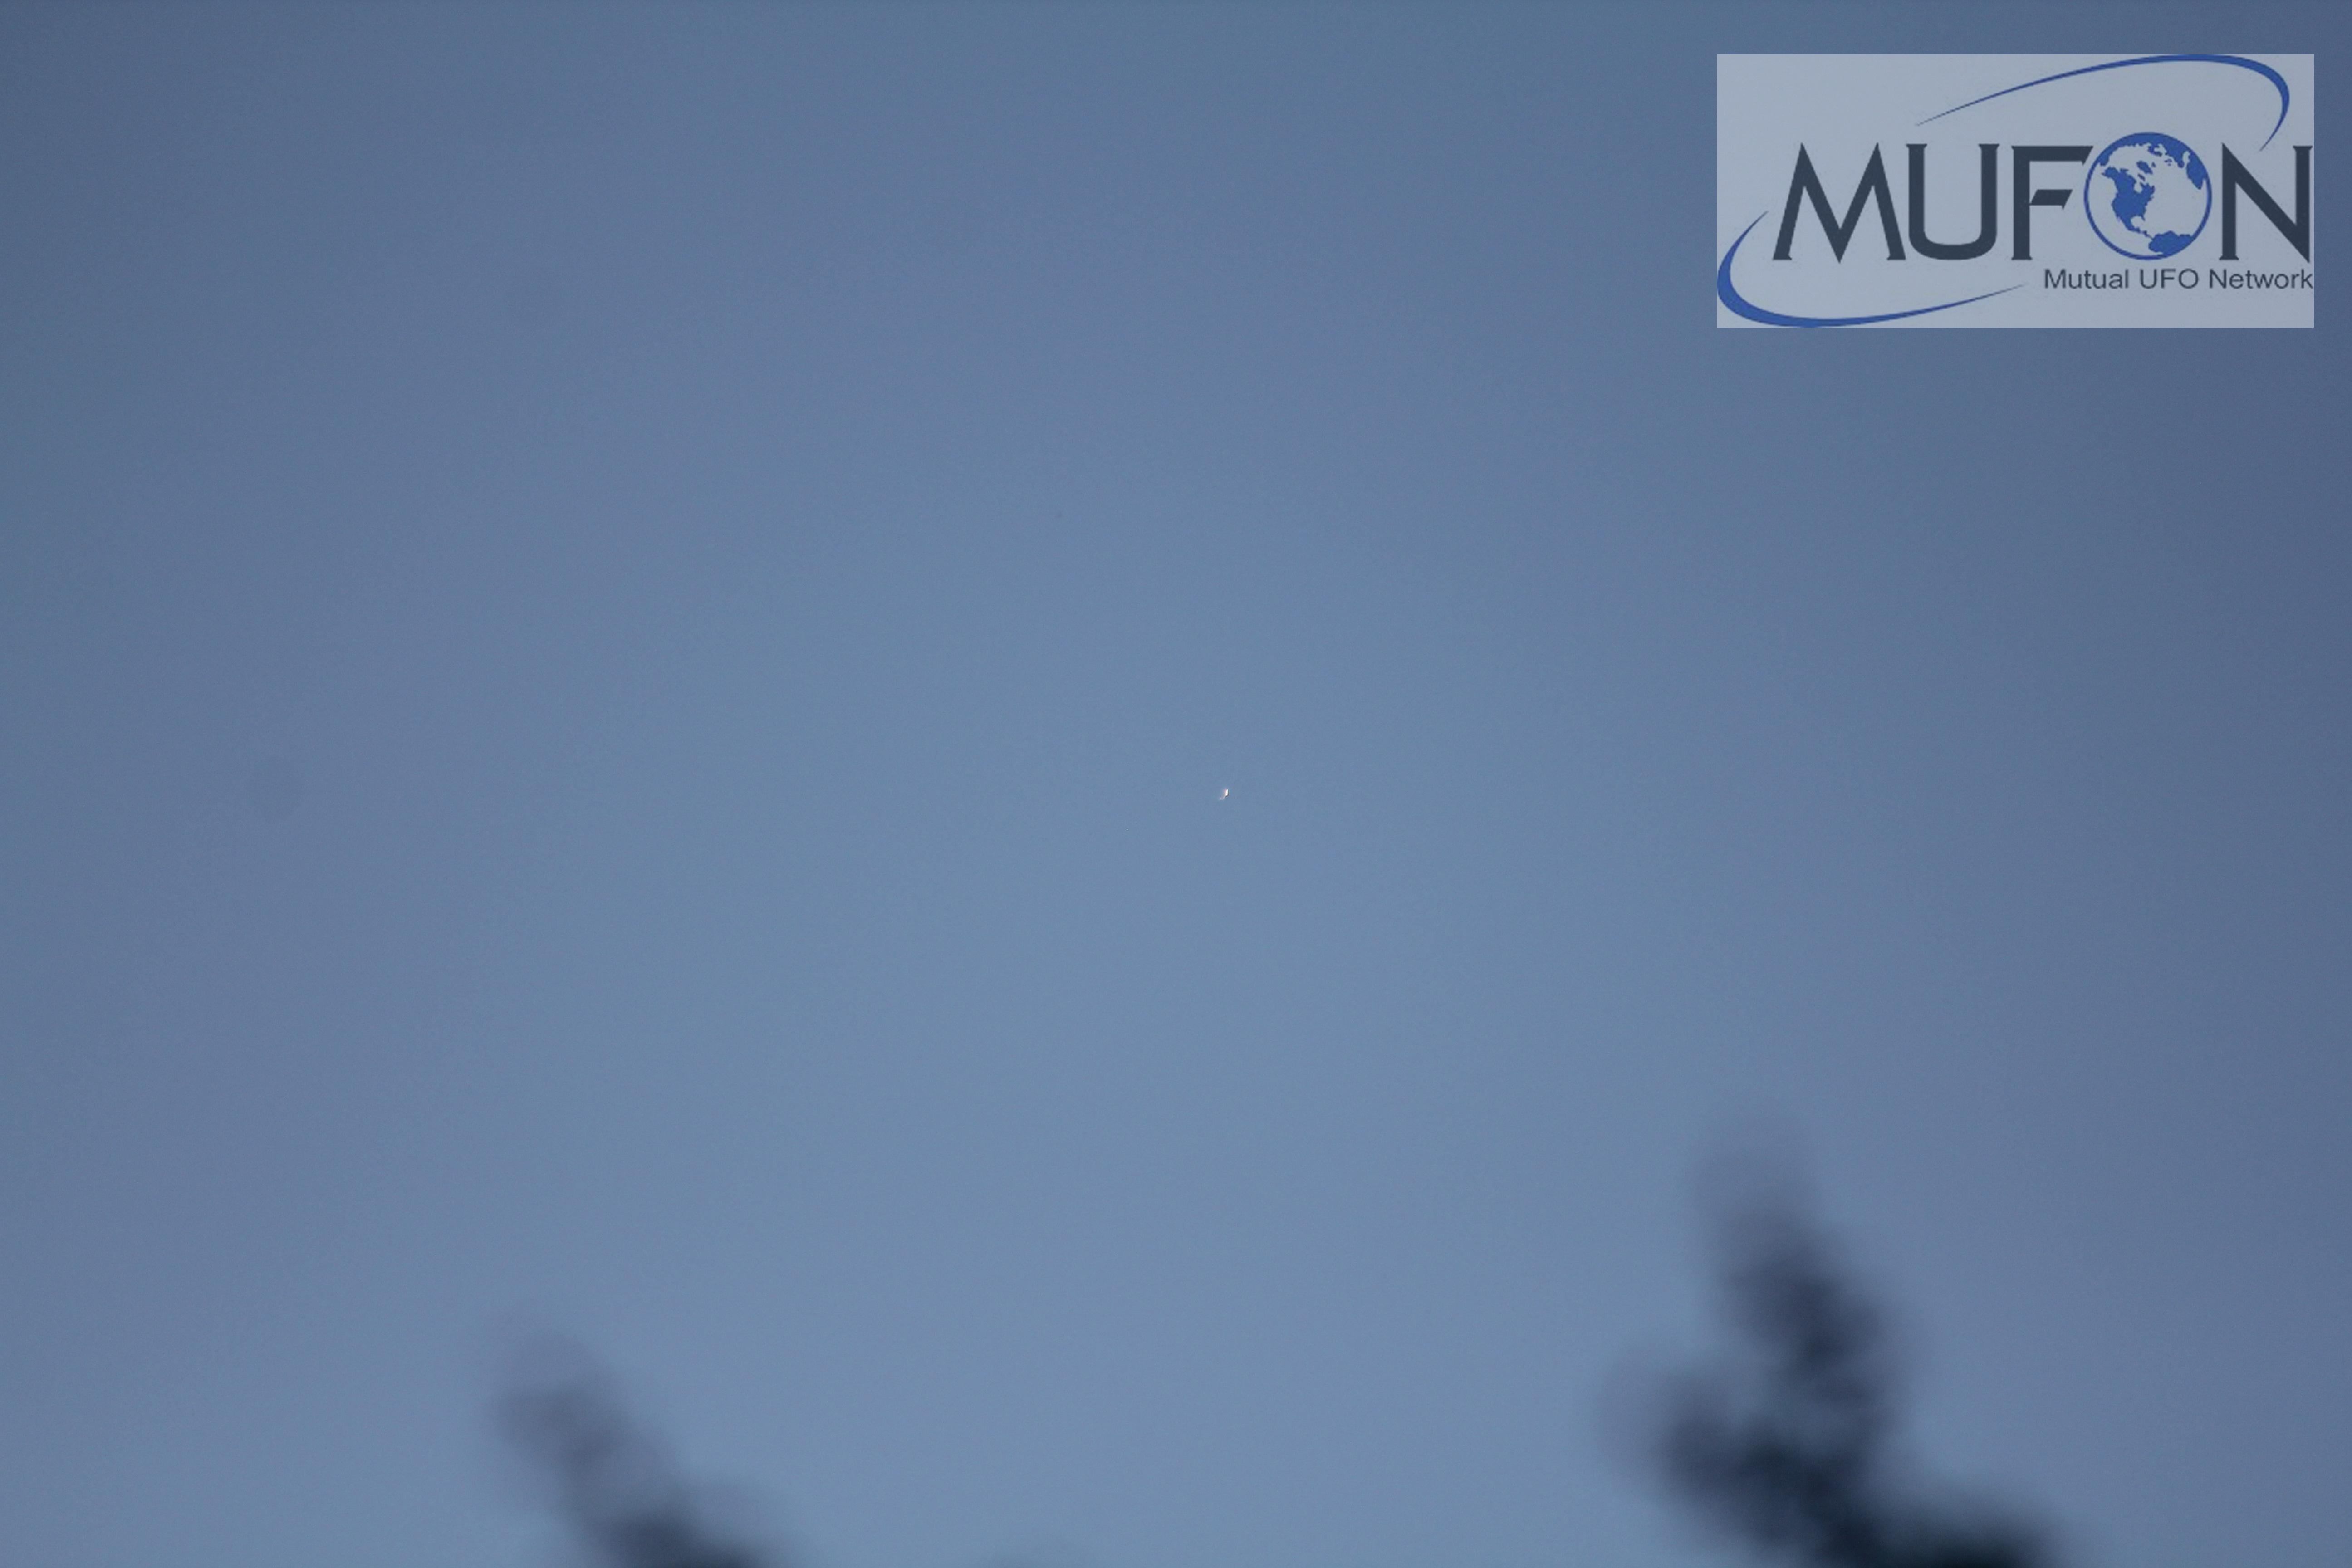 Última del total de 13 fotografías secuenciales capturadas por el testigo. Puede notarse (en el centro) la presencia de la anomalía. Además muy cerca de la anomalía se logra ver un punto blanco esférico (pero esta vez más alejado) que probablemente se trate de una estrella.